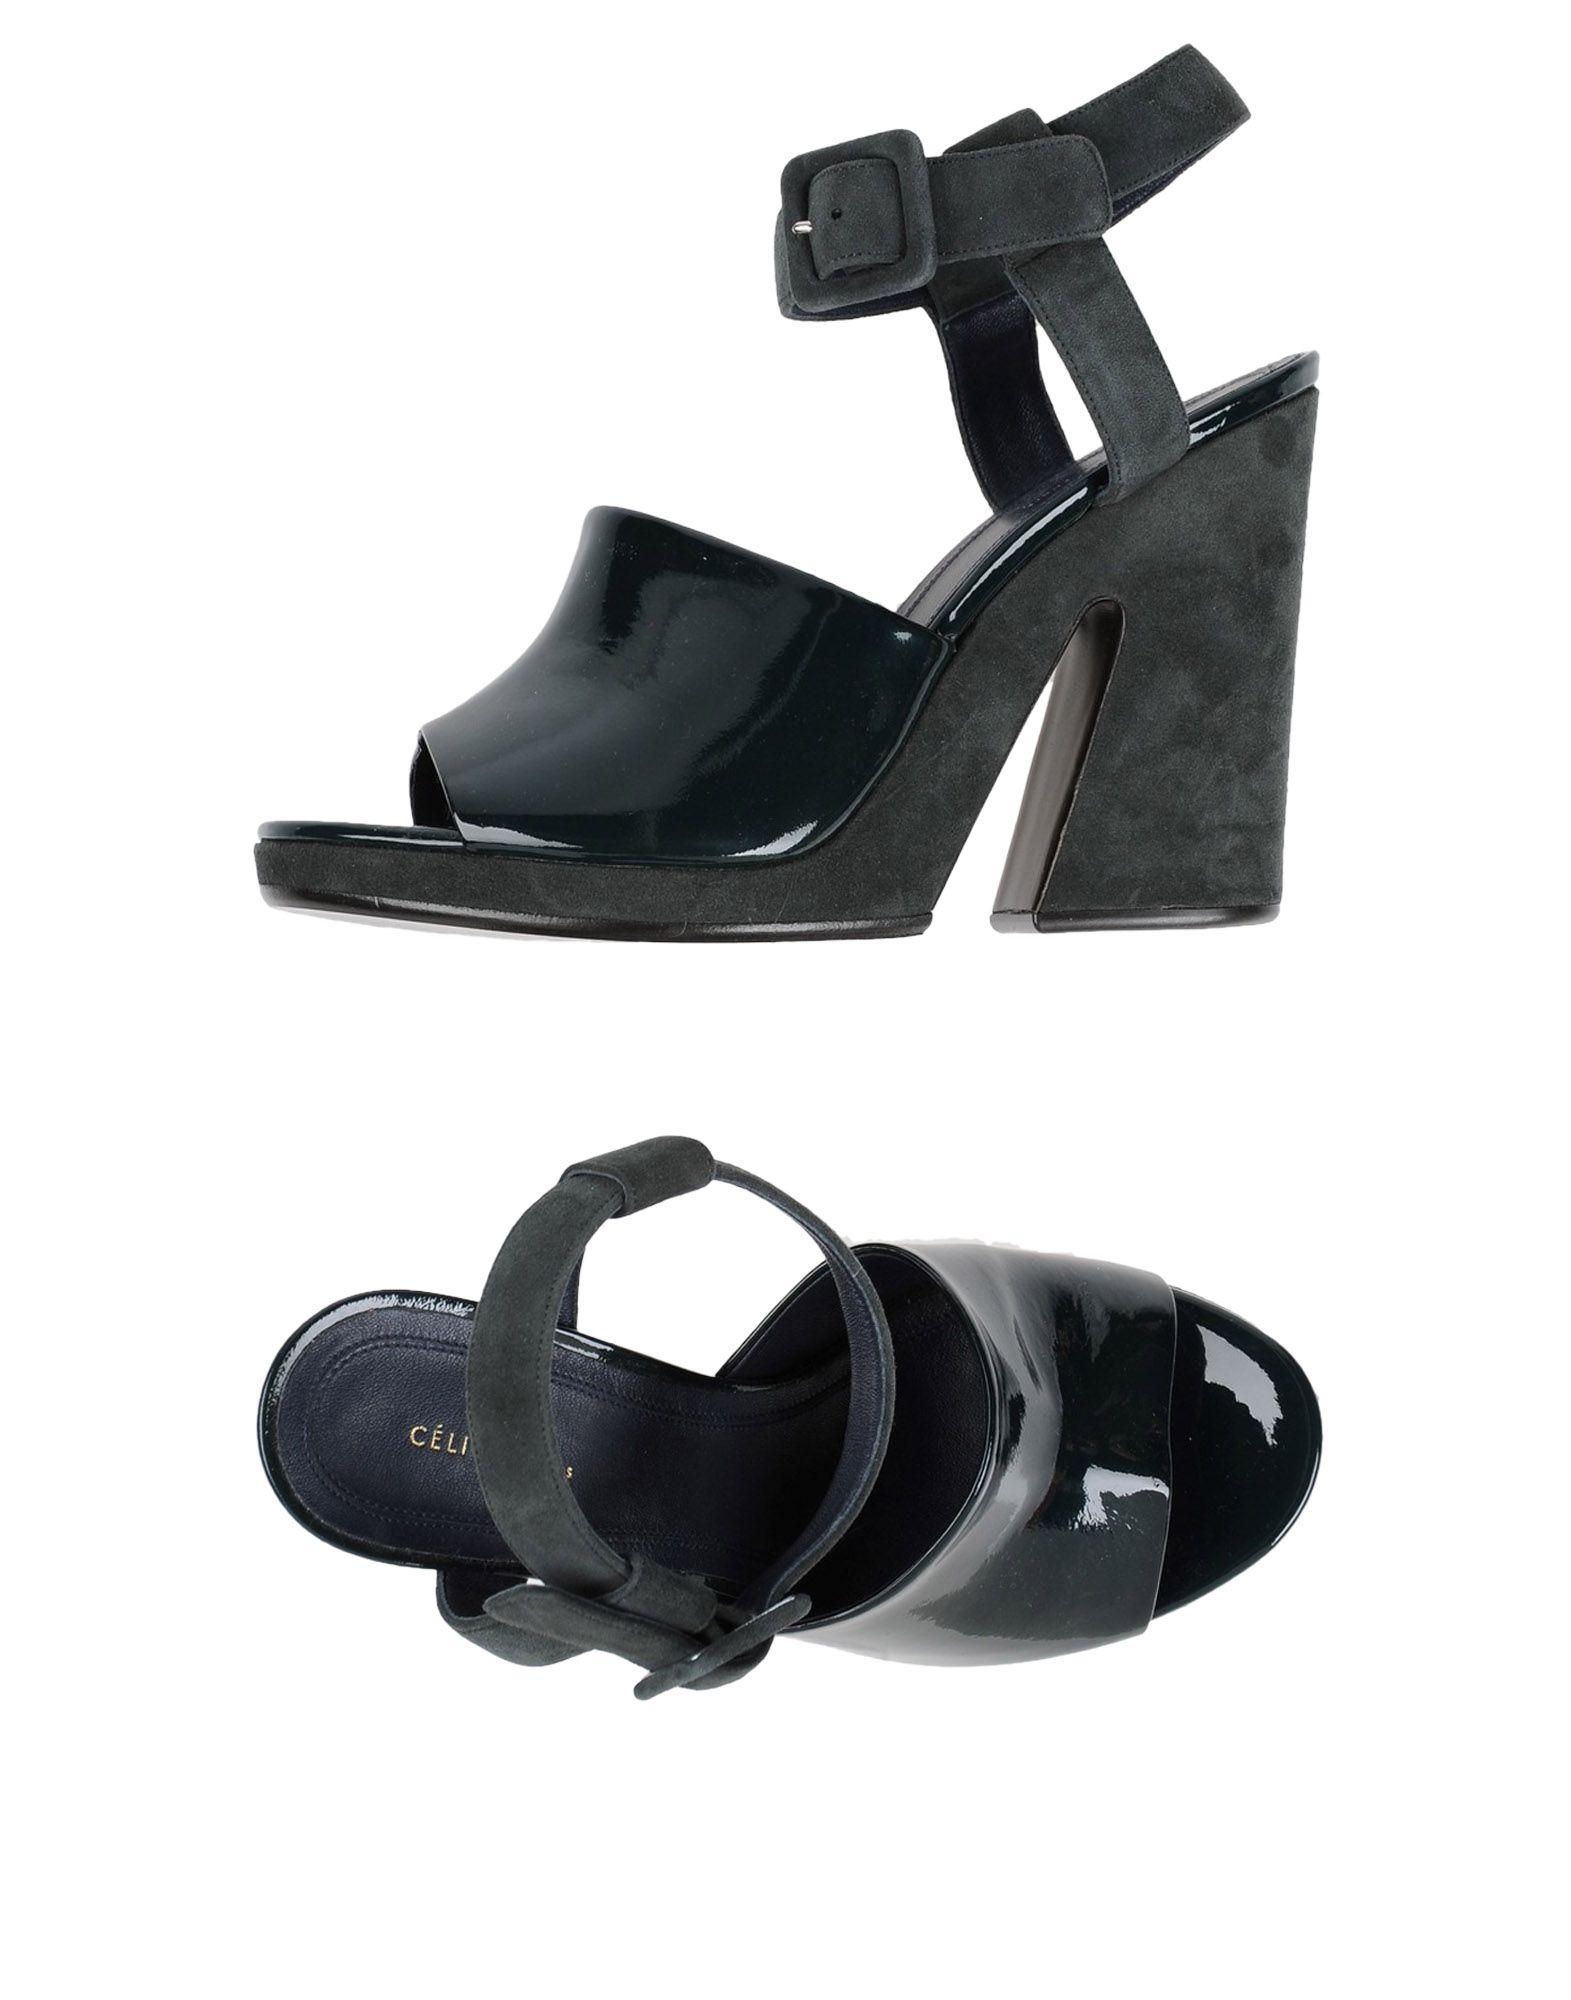 Céline Sandalen Damen Damen Sandalen  11415075QG Heiße Schuhe f5923b